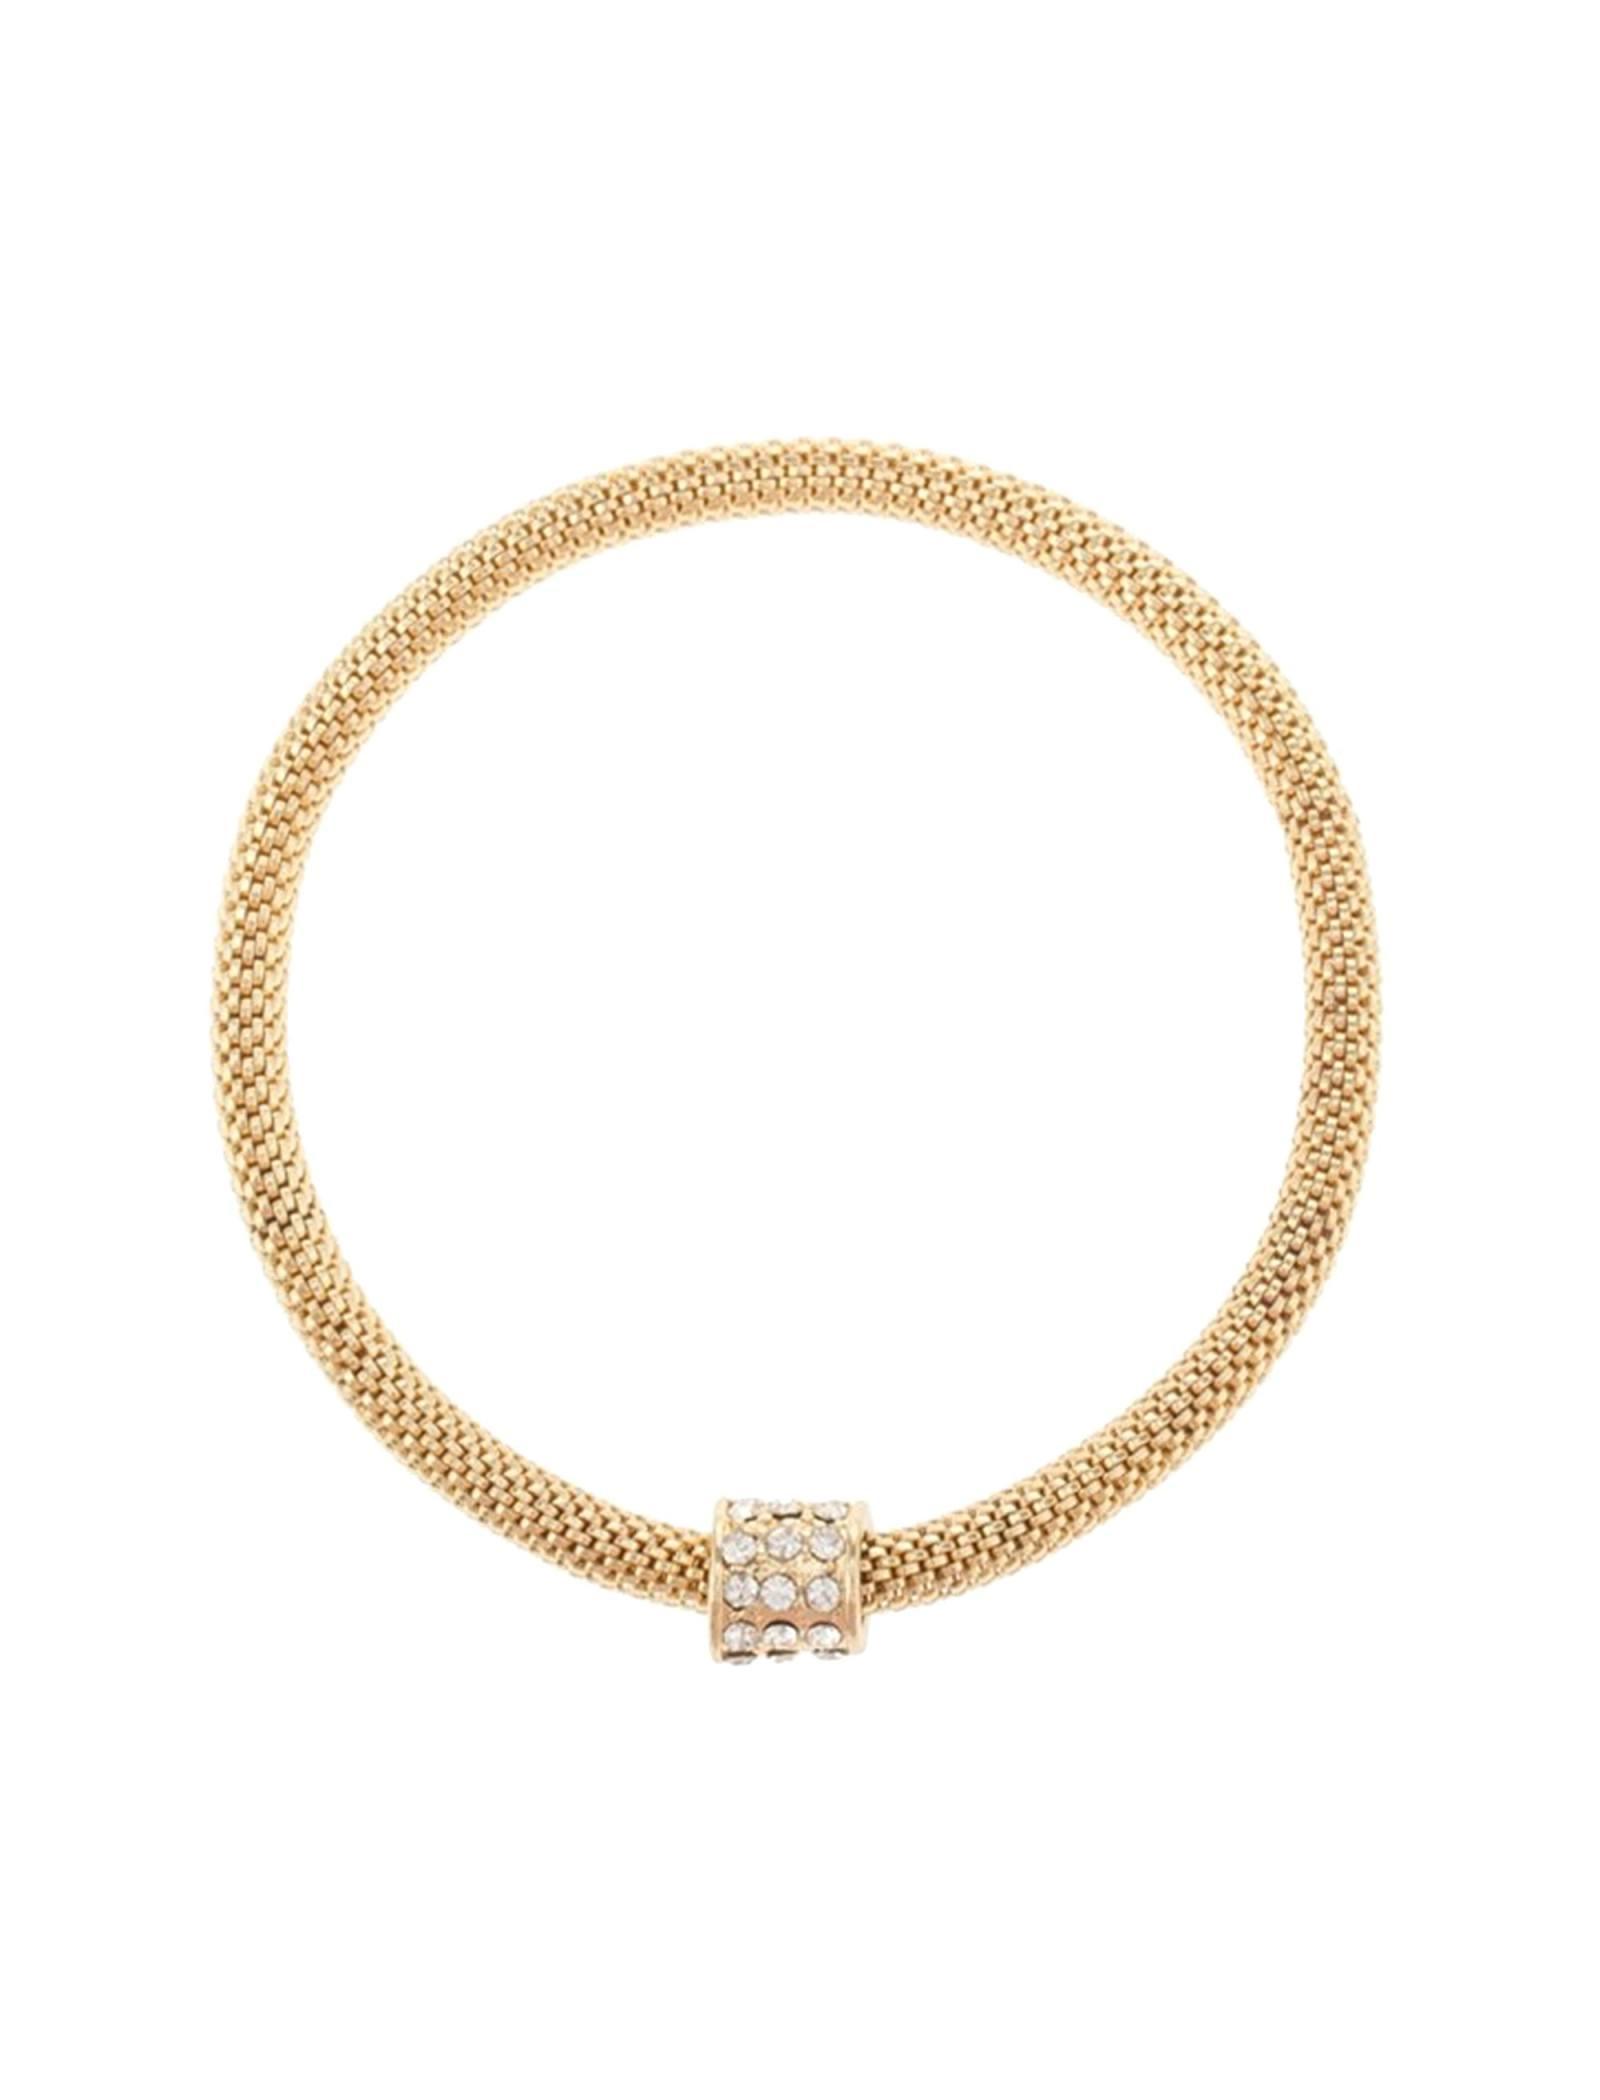 دستبند زنانه - پارفوا - طلايي - 1